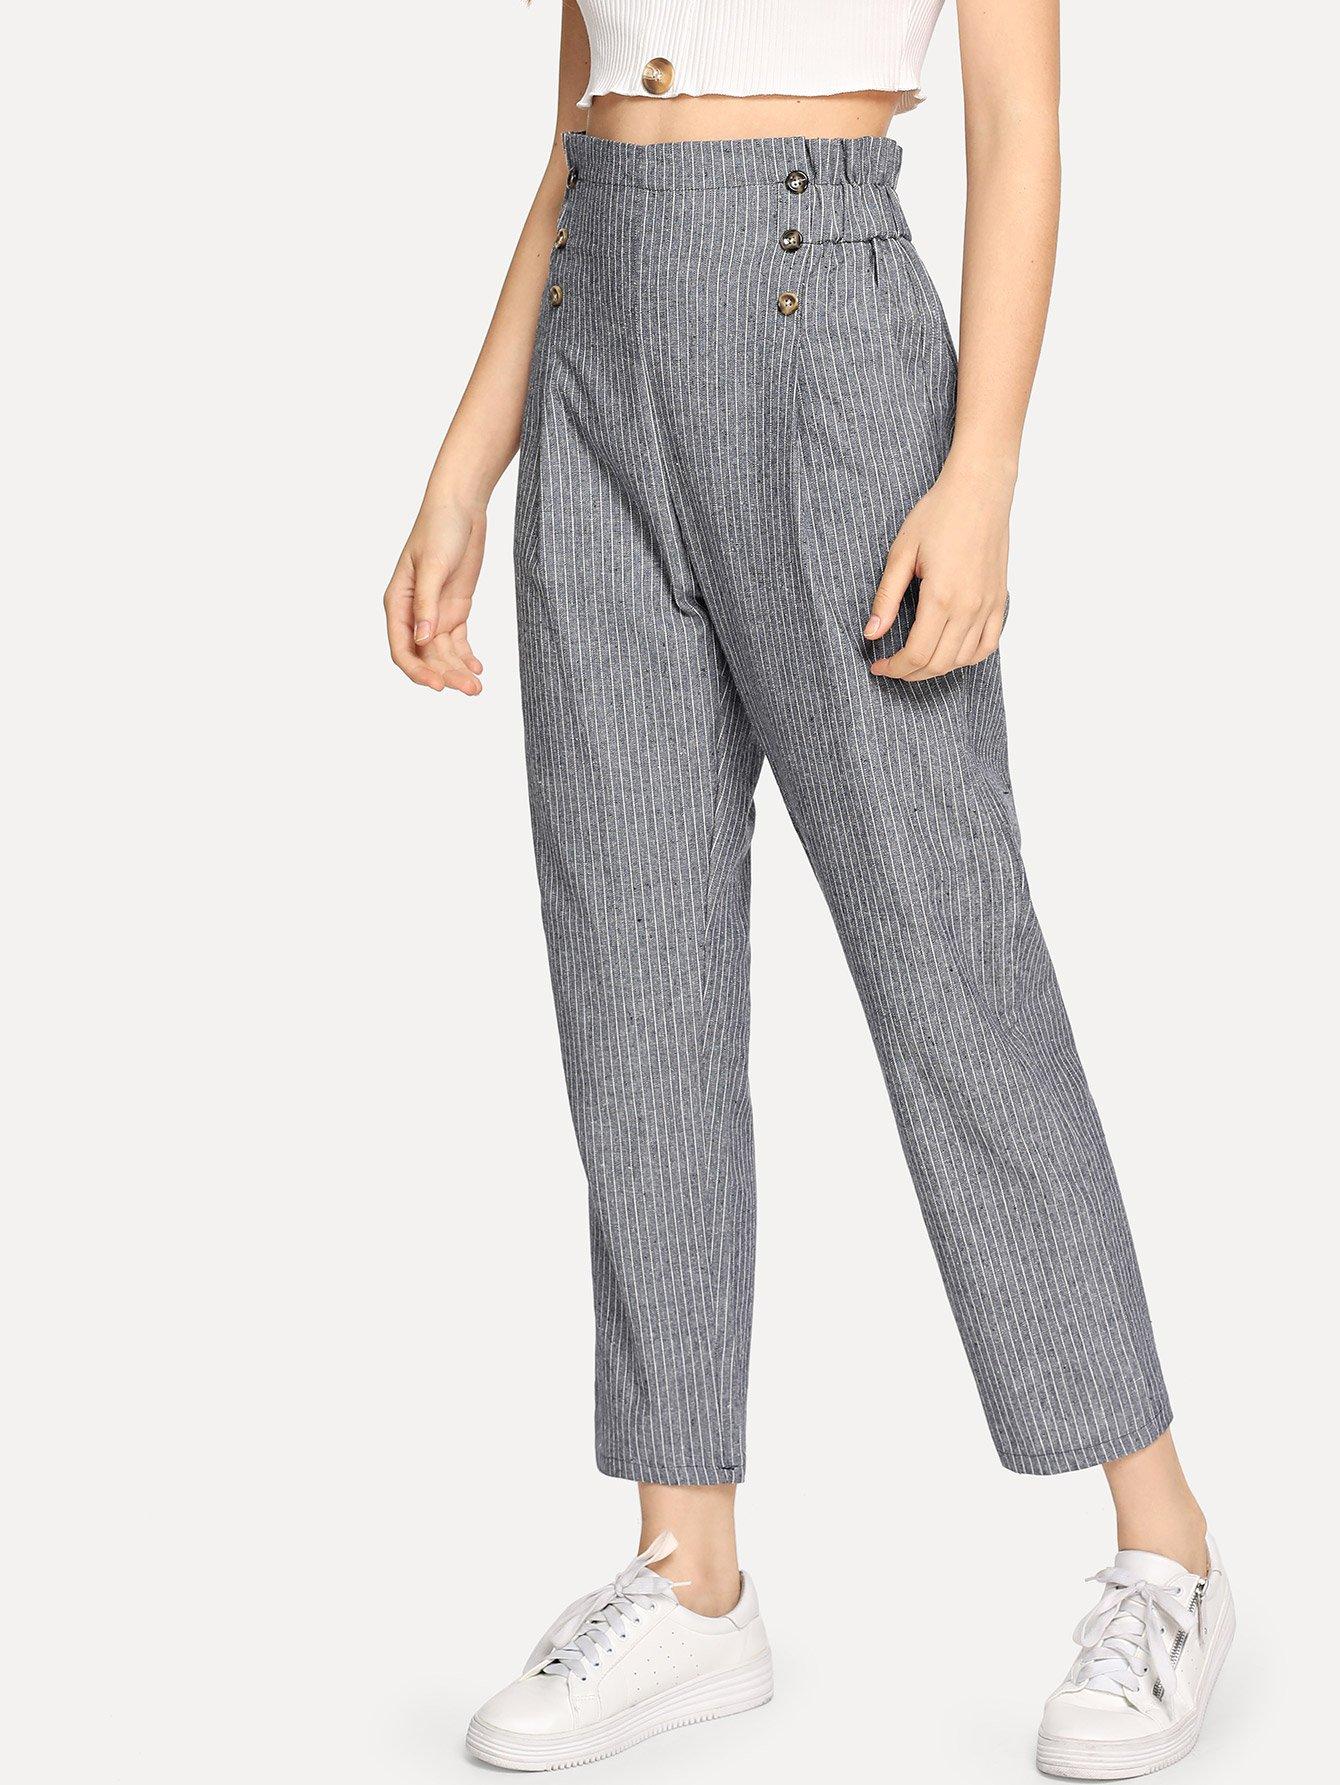 Двубортные брюки в полоску с оборкой отделкой SheIn